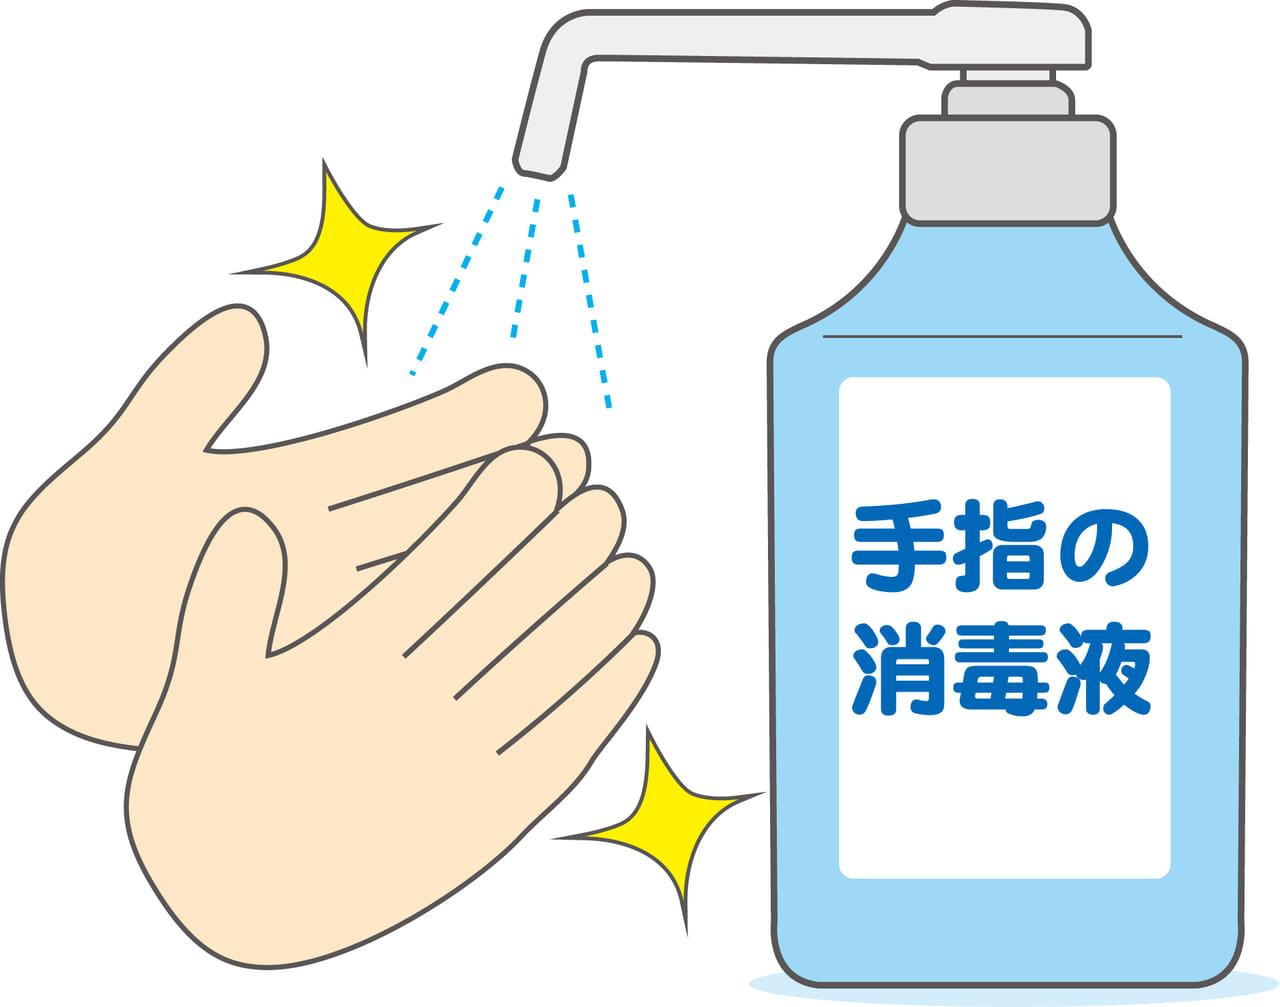 保存瓶の殺菌消毒 | 保存方法まとめ隊